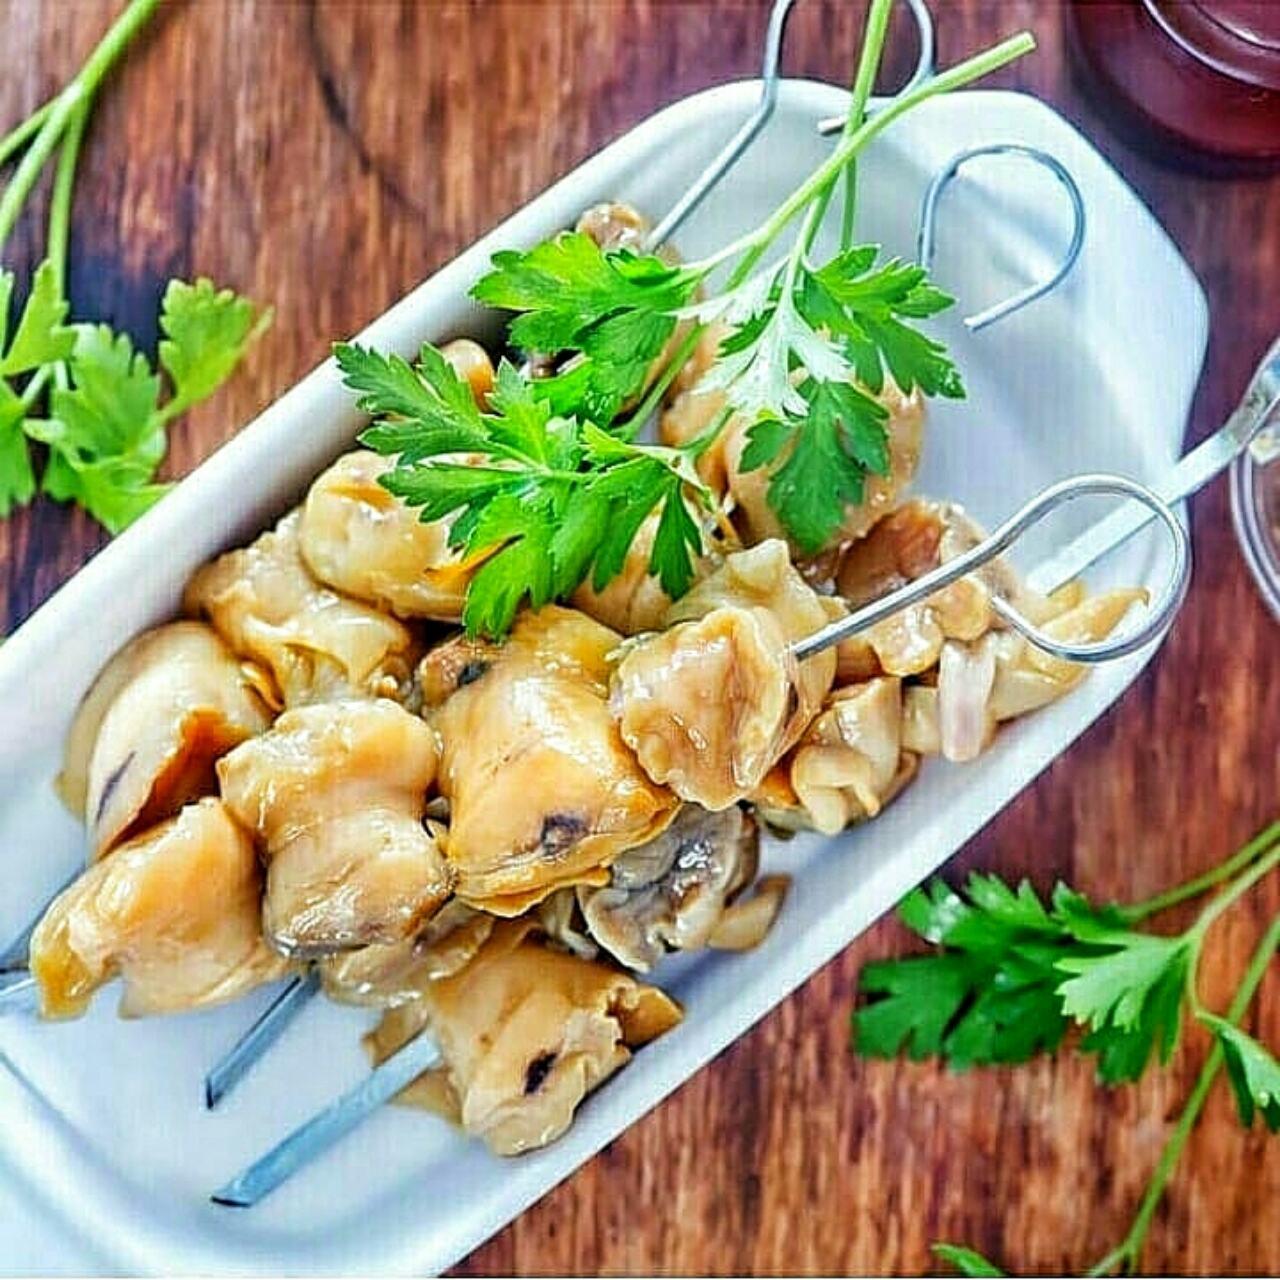 Рапаны - что это такое и описание моллюска, среда обитания и пошаговые рецепты приготовления блюд с фото